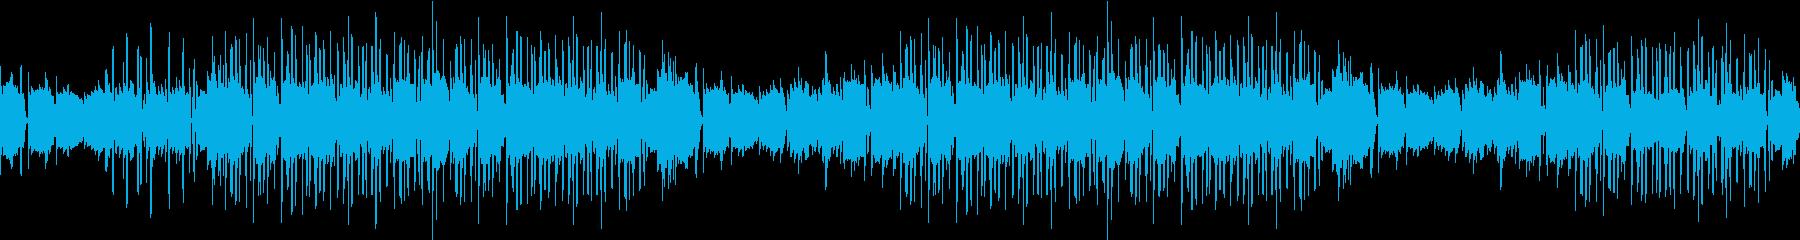 夜・センチメンタル・ギター・青春・ループの再生済みの波形